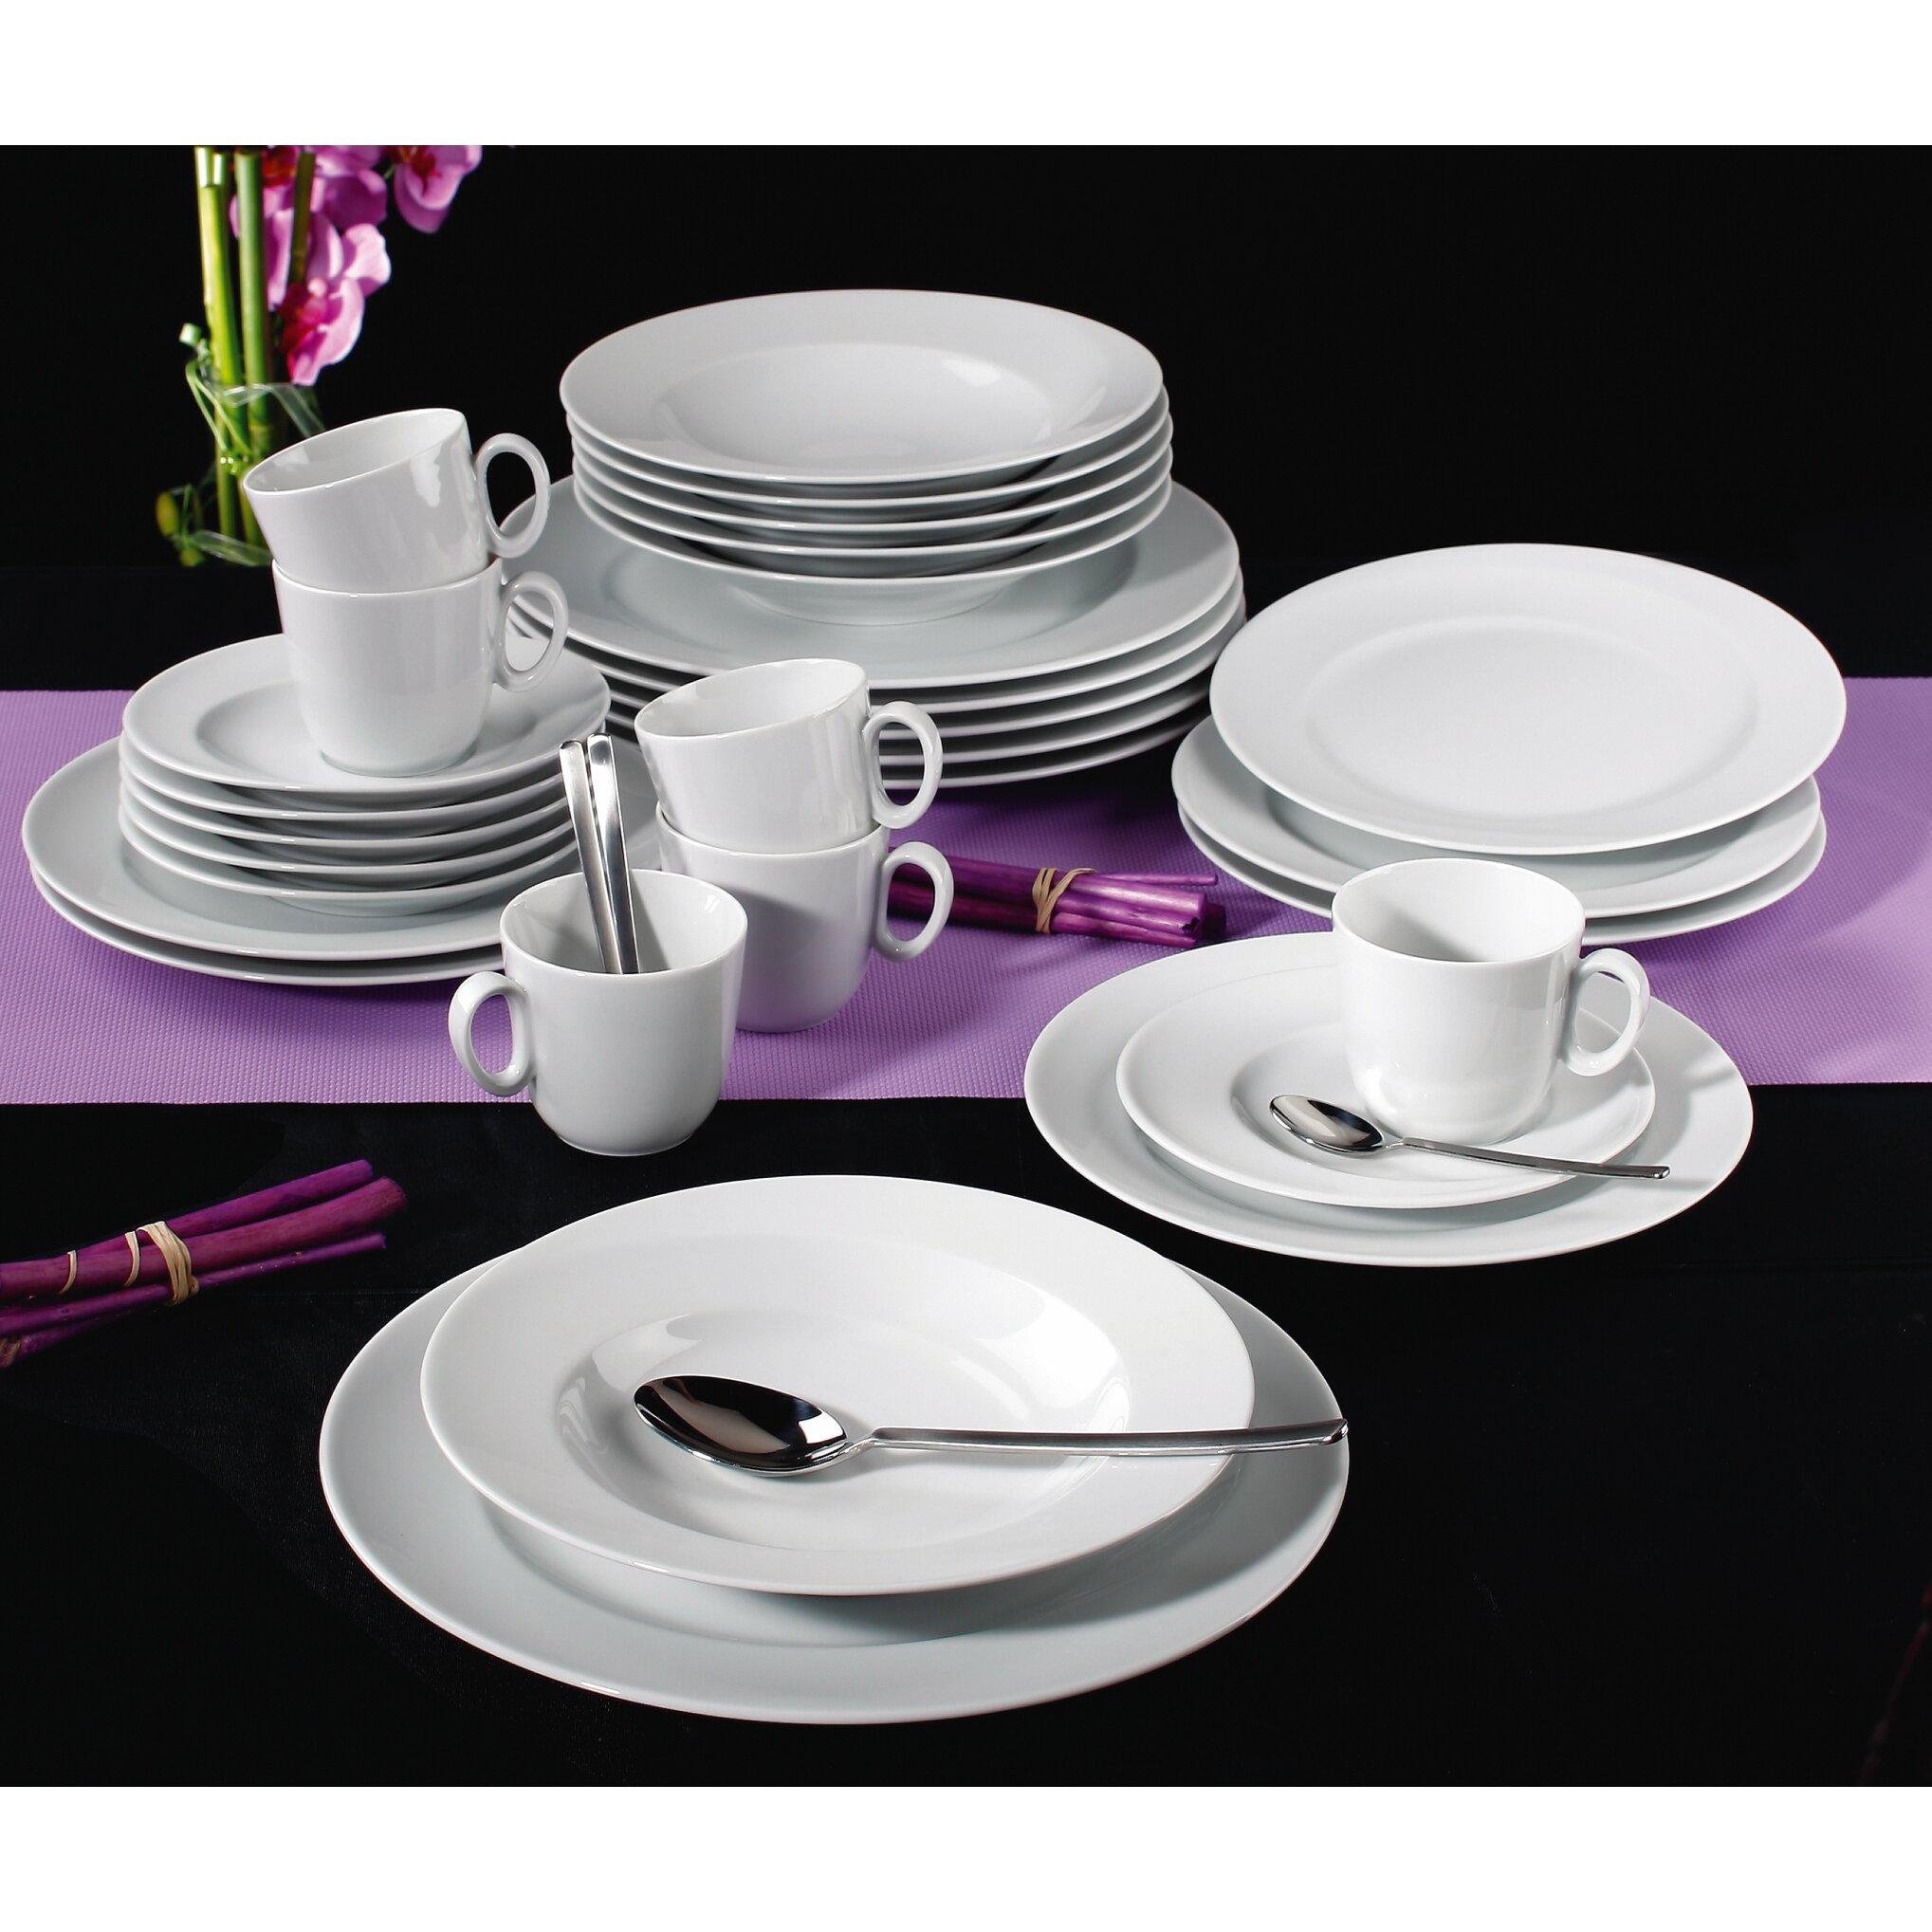 seltmann weiden paso 30 piece dinnerware set reviews wayfair uk. Black Bedroom Furniture Sets. Home Design Ideas